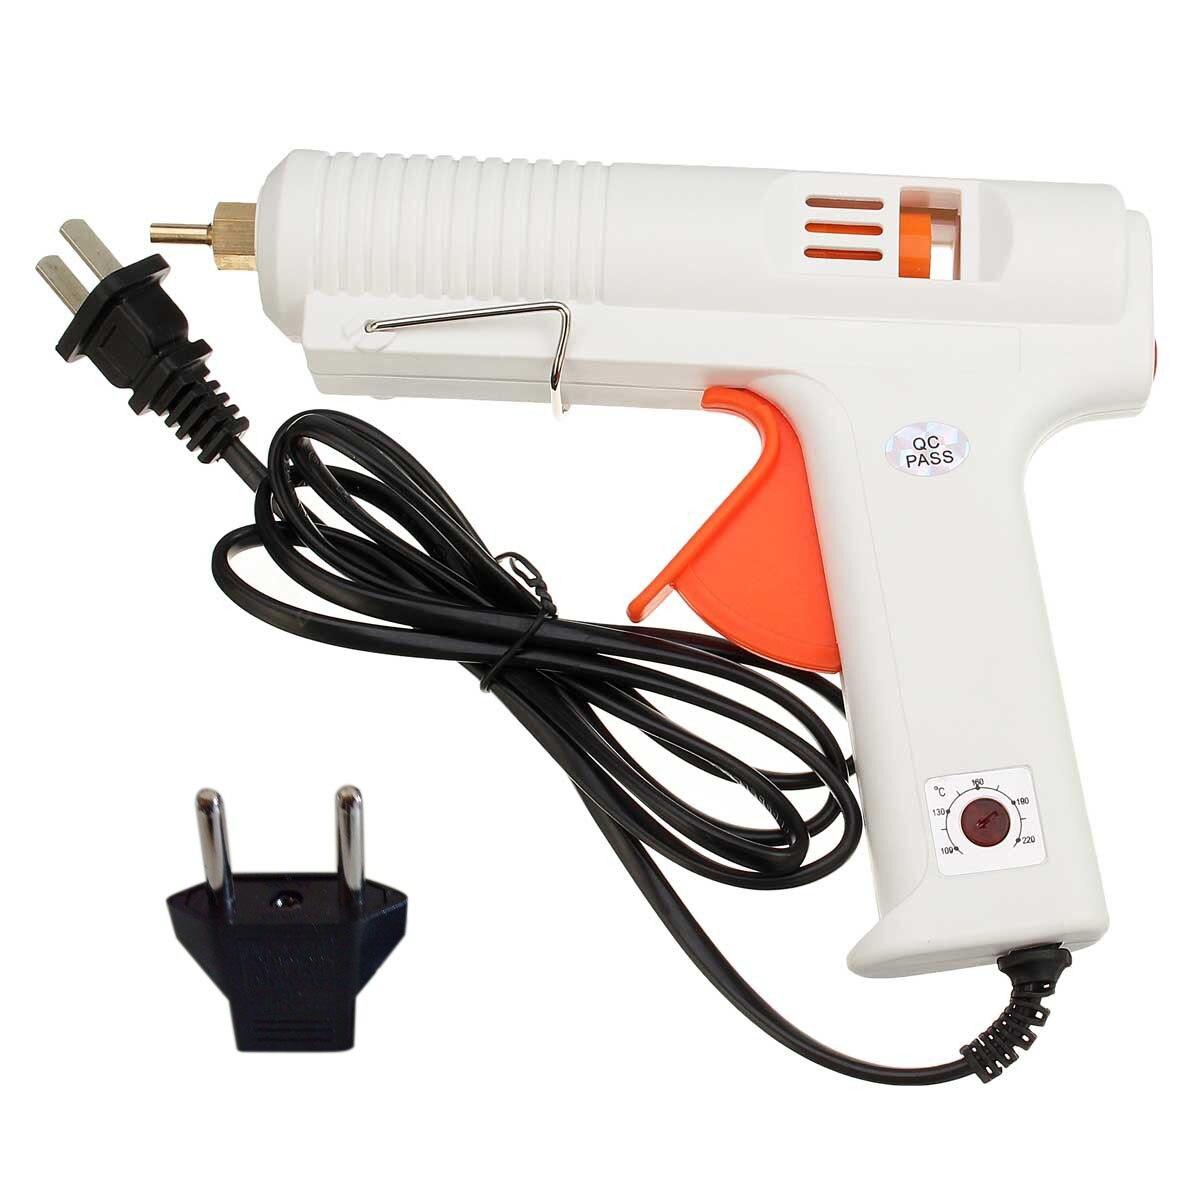 120 W 100-240 V Blanc Chauffage Hot Melt Pistolet À Colle Électrique Chaleur Température Outil Pour Diamètre 10.8-11.8mm Bâtons